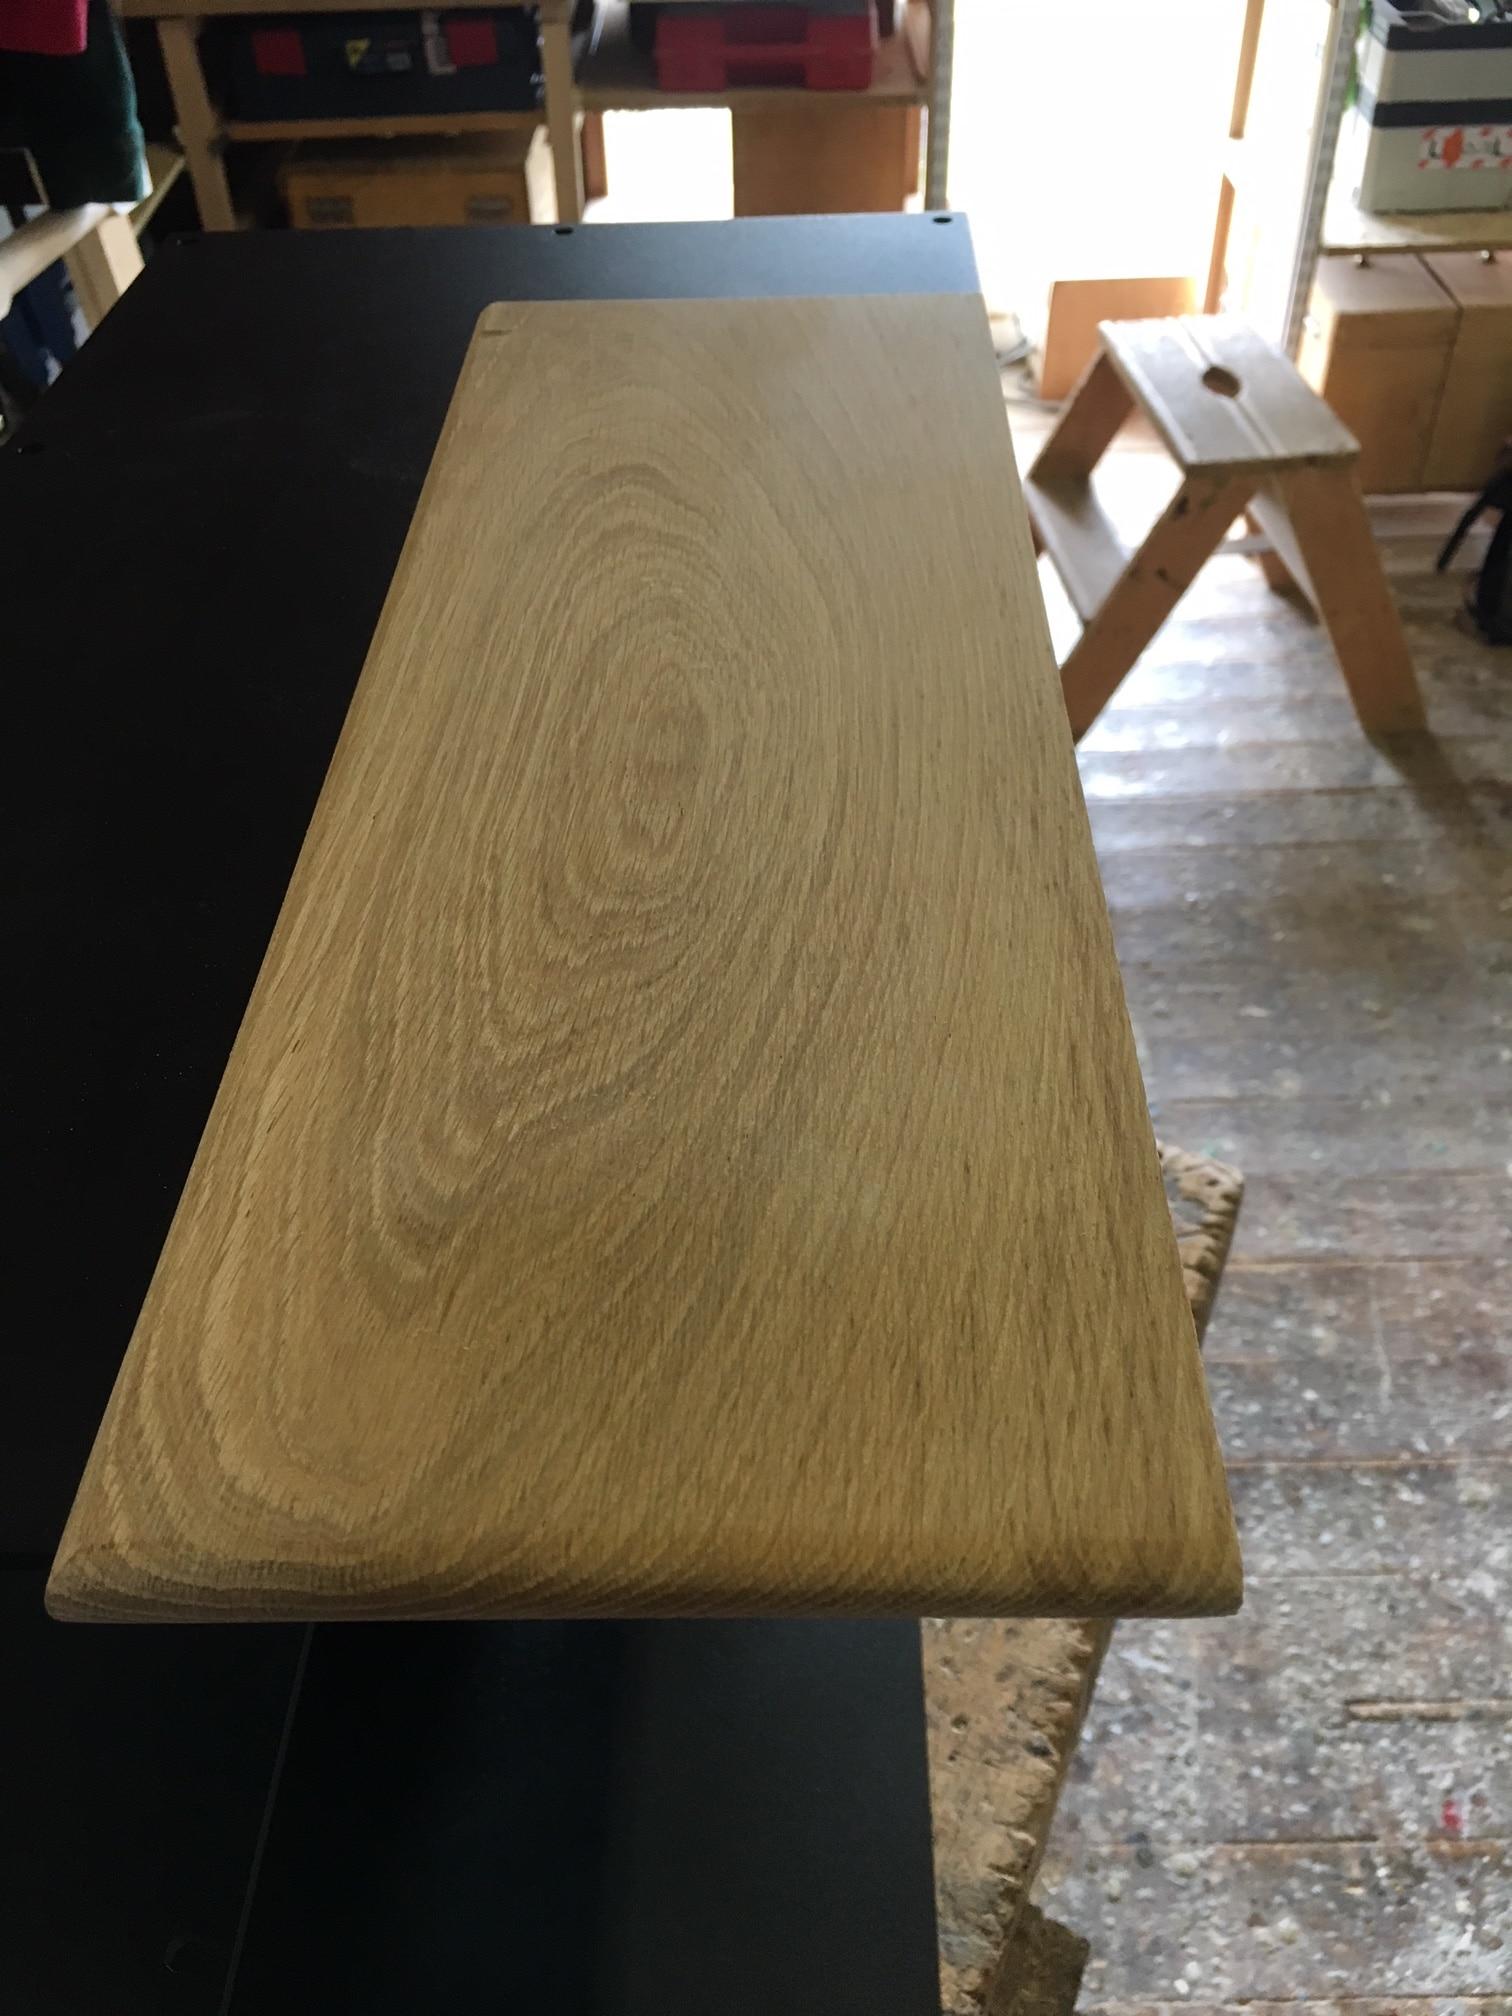 Fabriquer Un Bar En Bois fabrication d'un plateau en chêne massif : 4 étapes simples